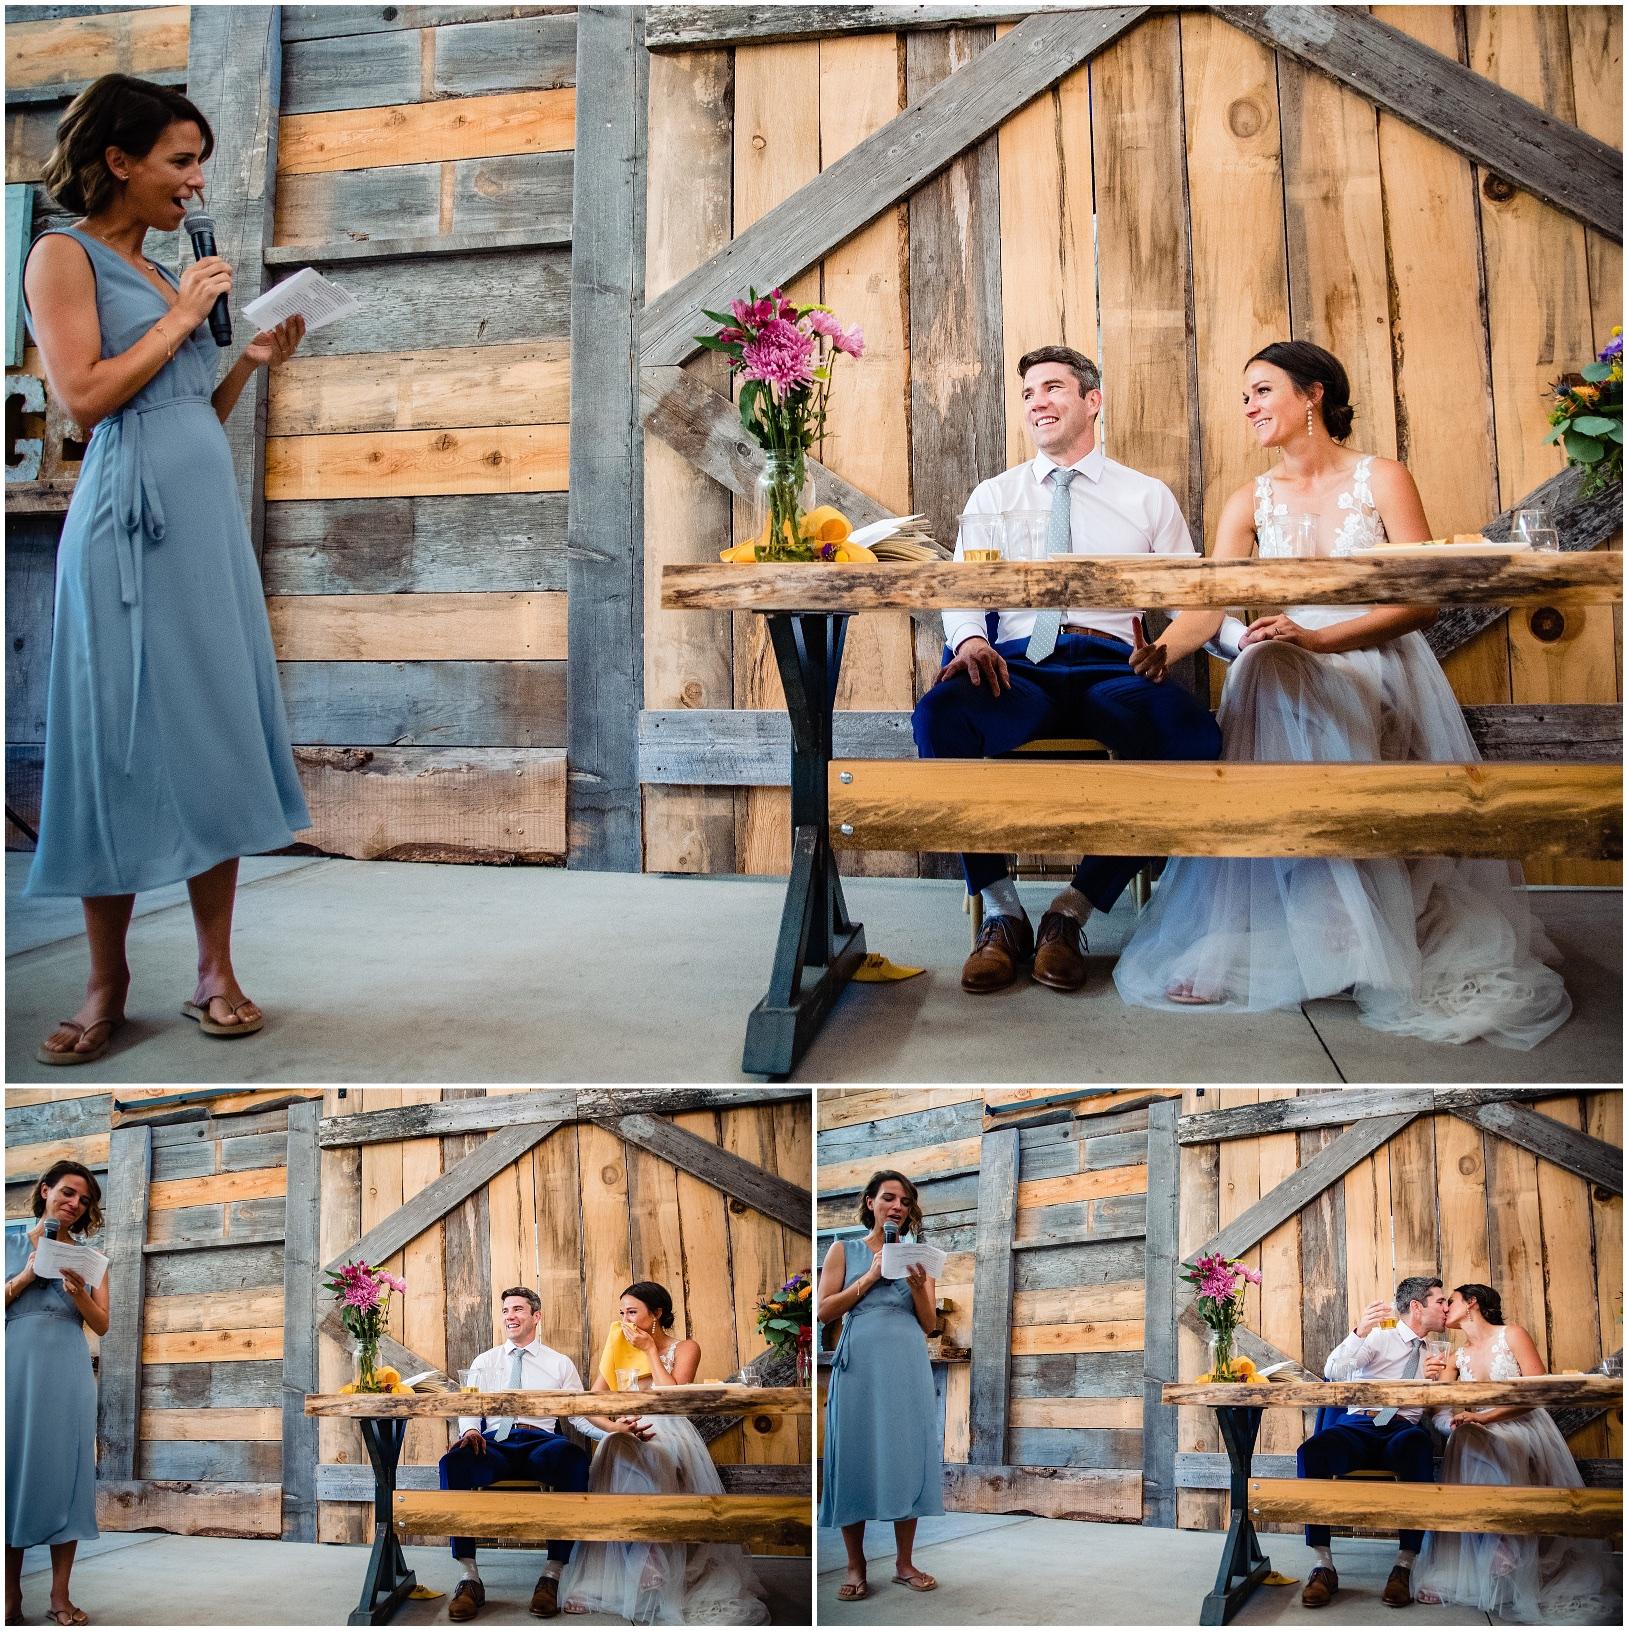 lindseyjane_weddings0106.jpg